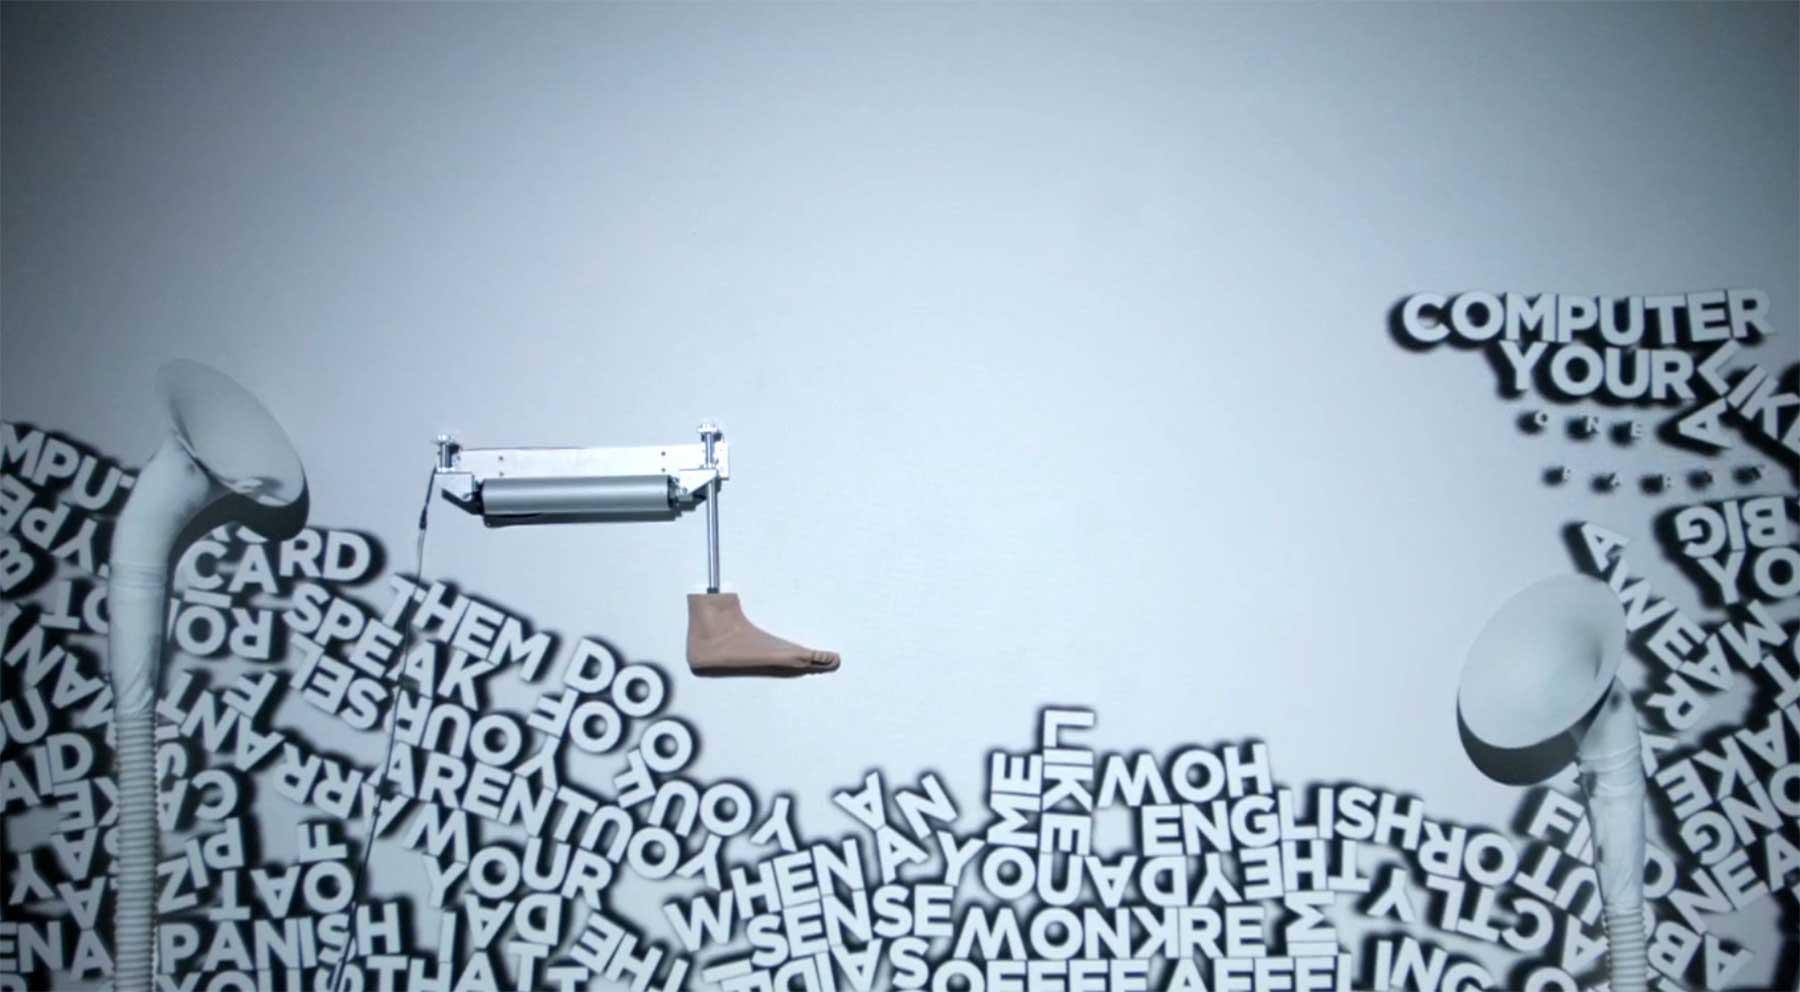 Diese Kunst-Installation tritt Wörter durch die Gegend